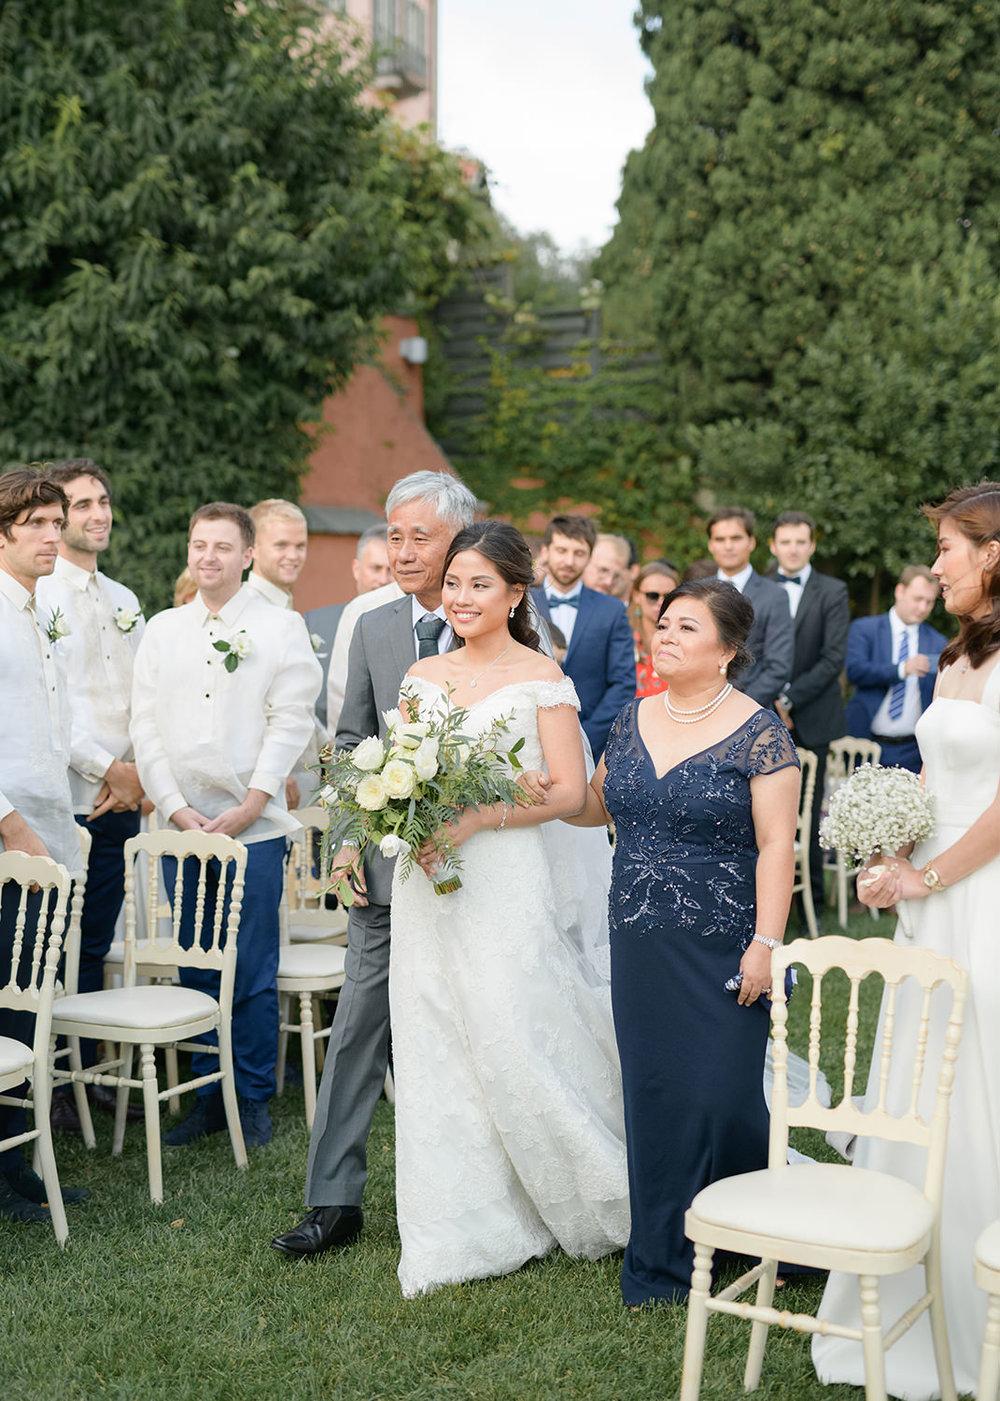 villa-regina-teodolinda-wedding-photographer-C&B-©bottega53-57.JPG